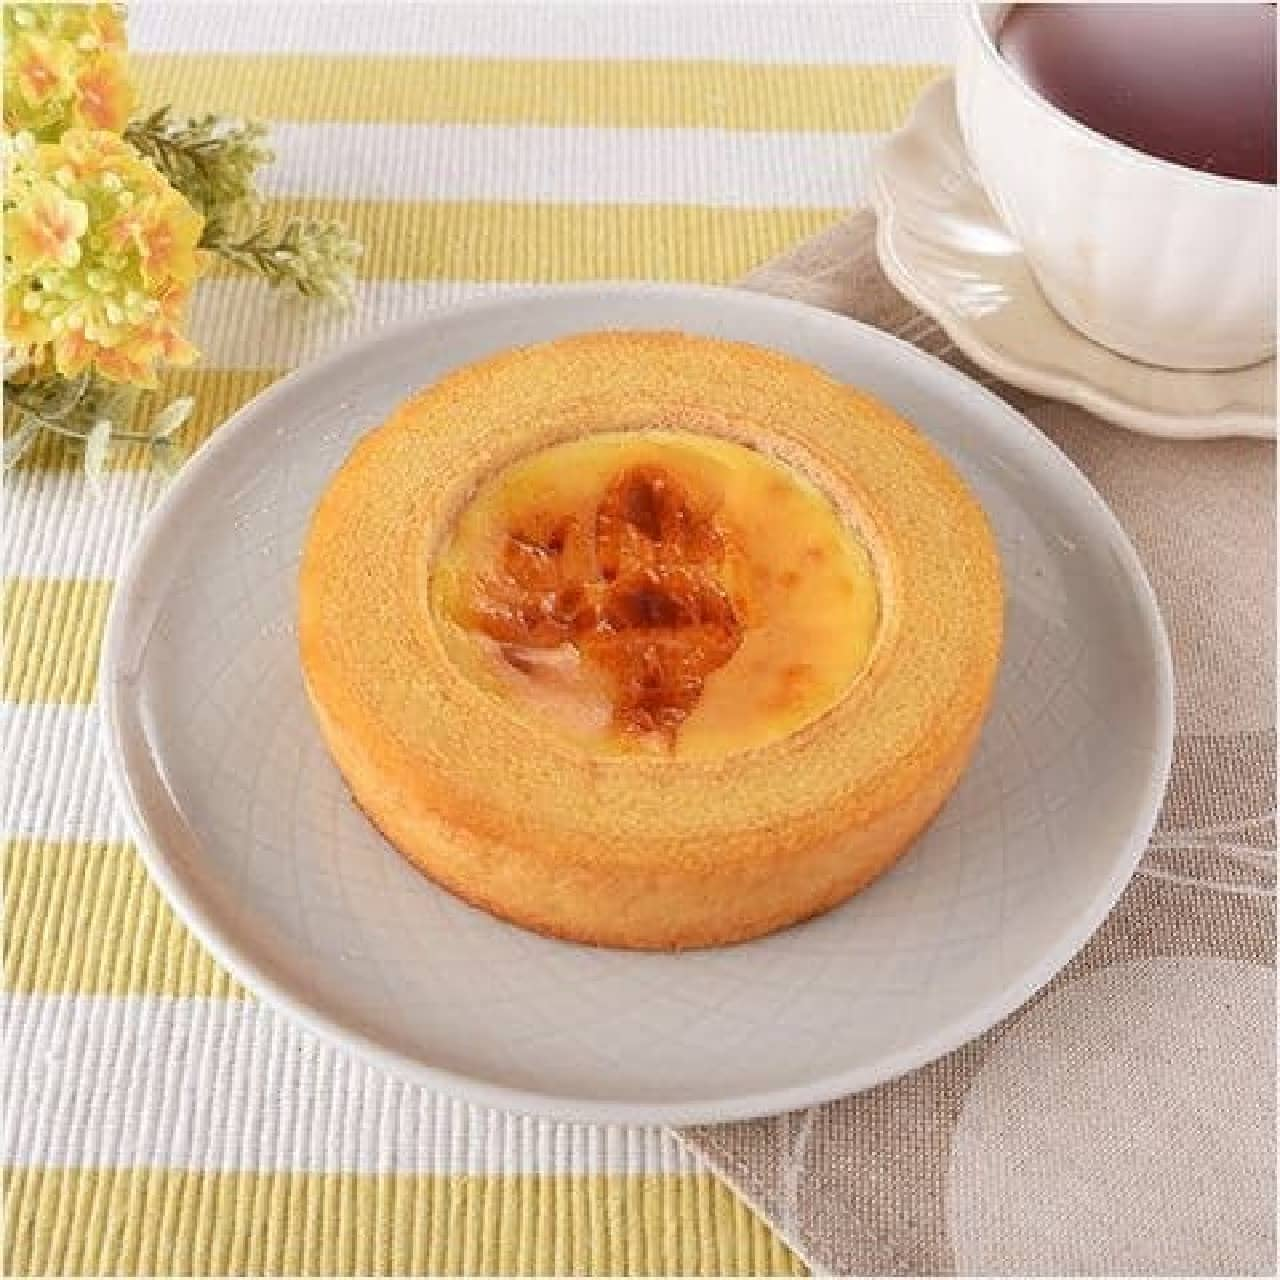 ファミリーマート「ベイクドチーズケーキのバウム」